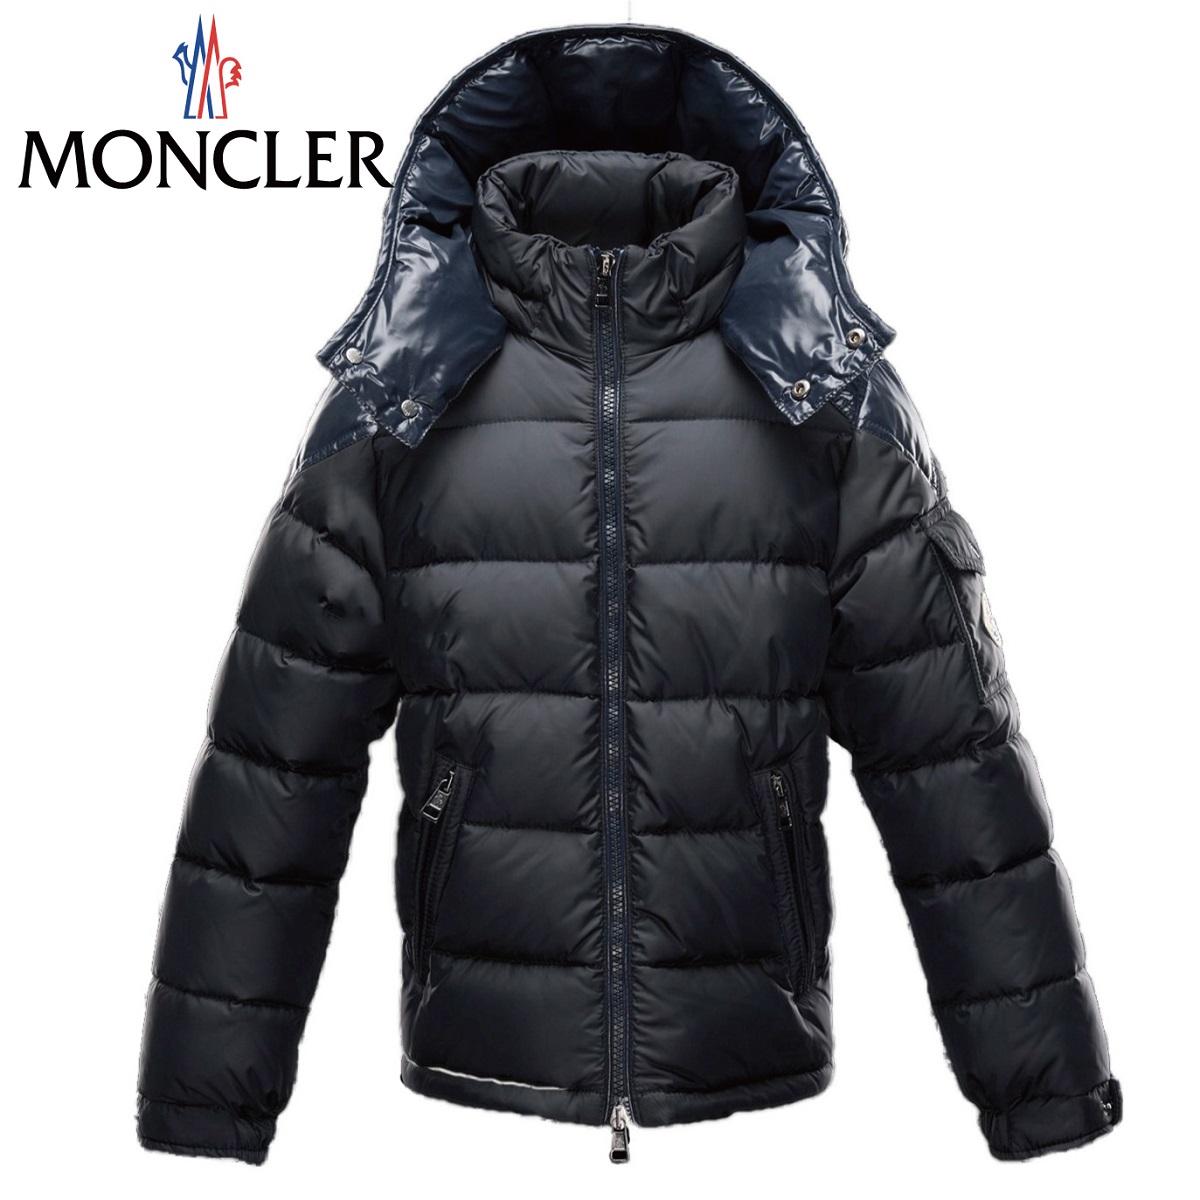 モンクレール[MONCLER] 2015-2016年秋冬 Chevalier ダウン ジュニア キッズ ベビー